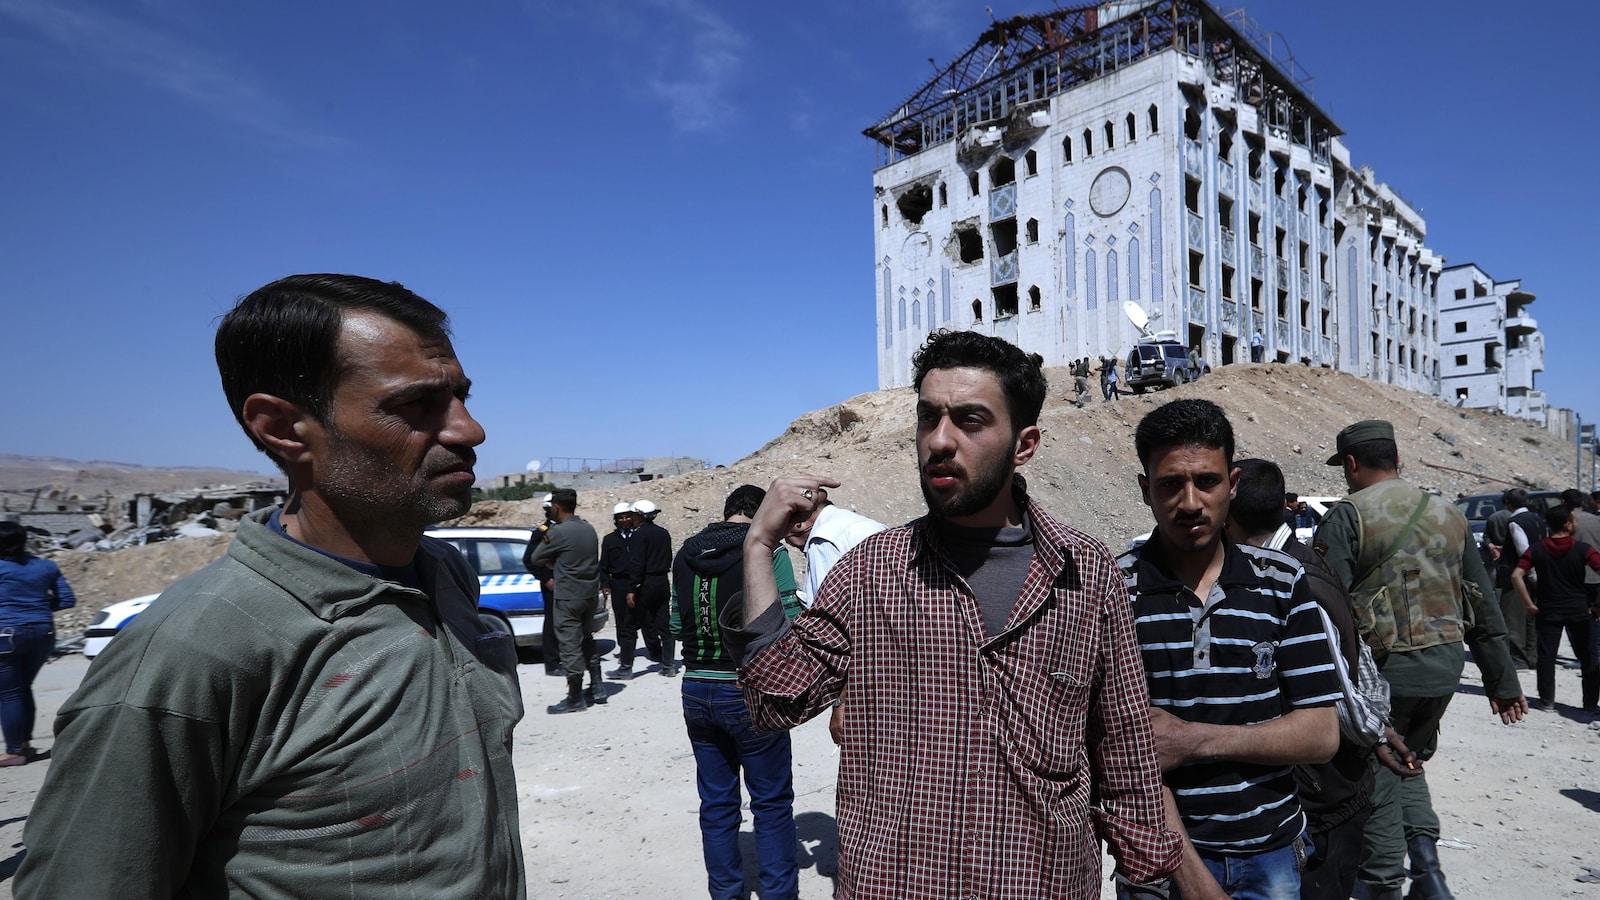 Plusieurs hommes sont rassemblés devant un hôpital de Douma, visiblement endommagé par des obus. Des militaires syriens sont situés tout près.